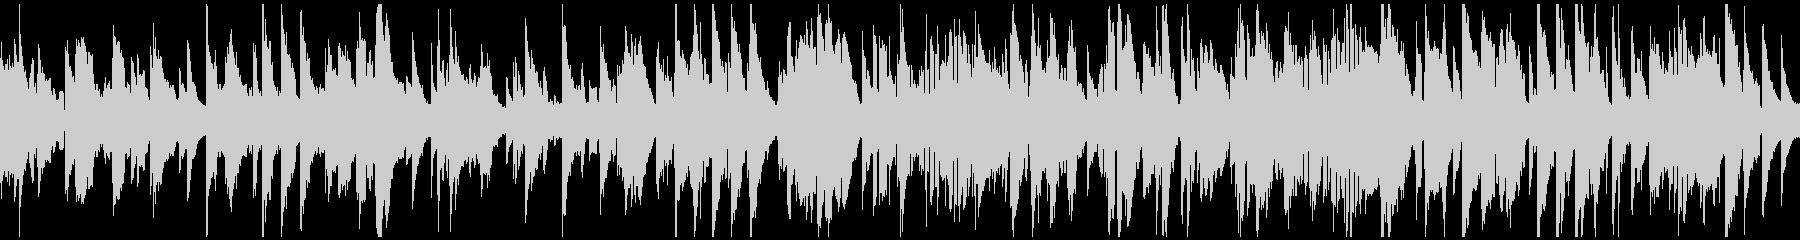 渋いサックスのジャズ・バラード※ループ版の未再生の波形